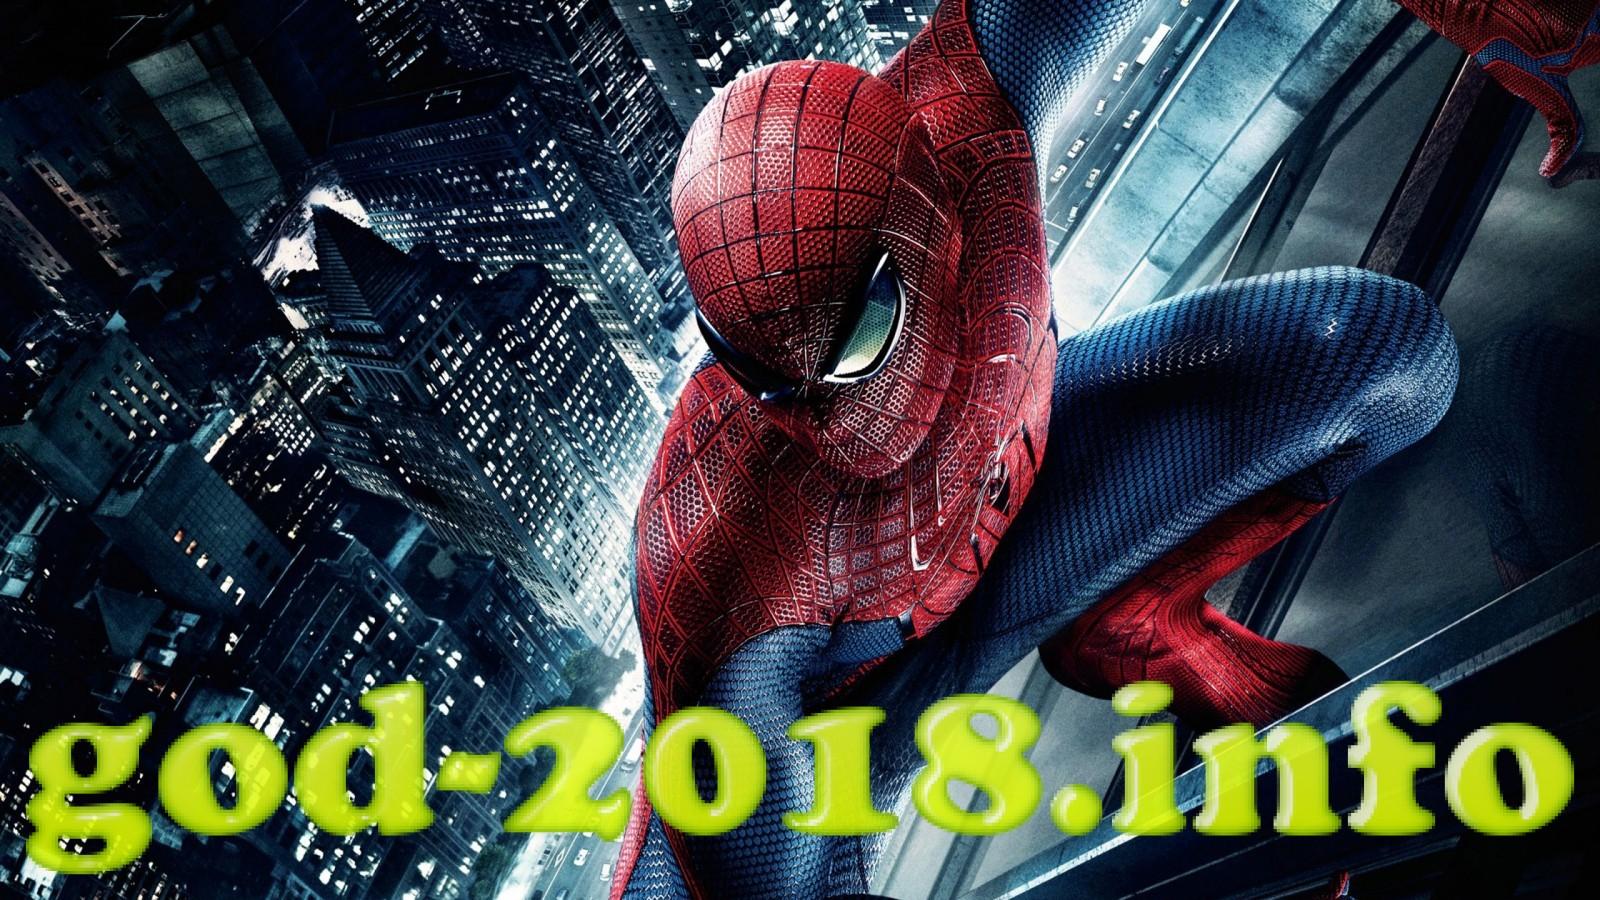 spiderman-amazing-spider-man-shop-317160